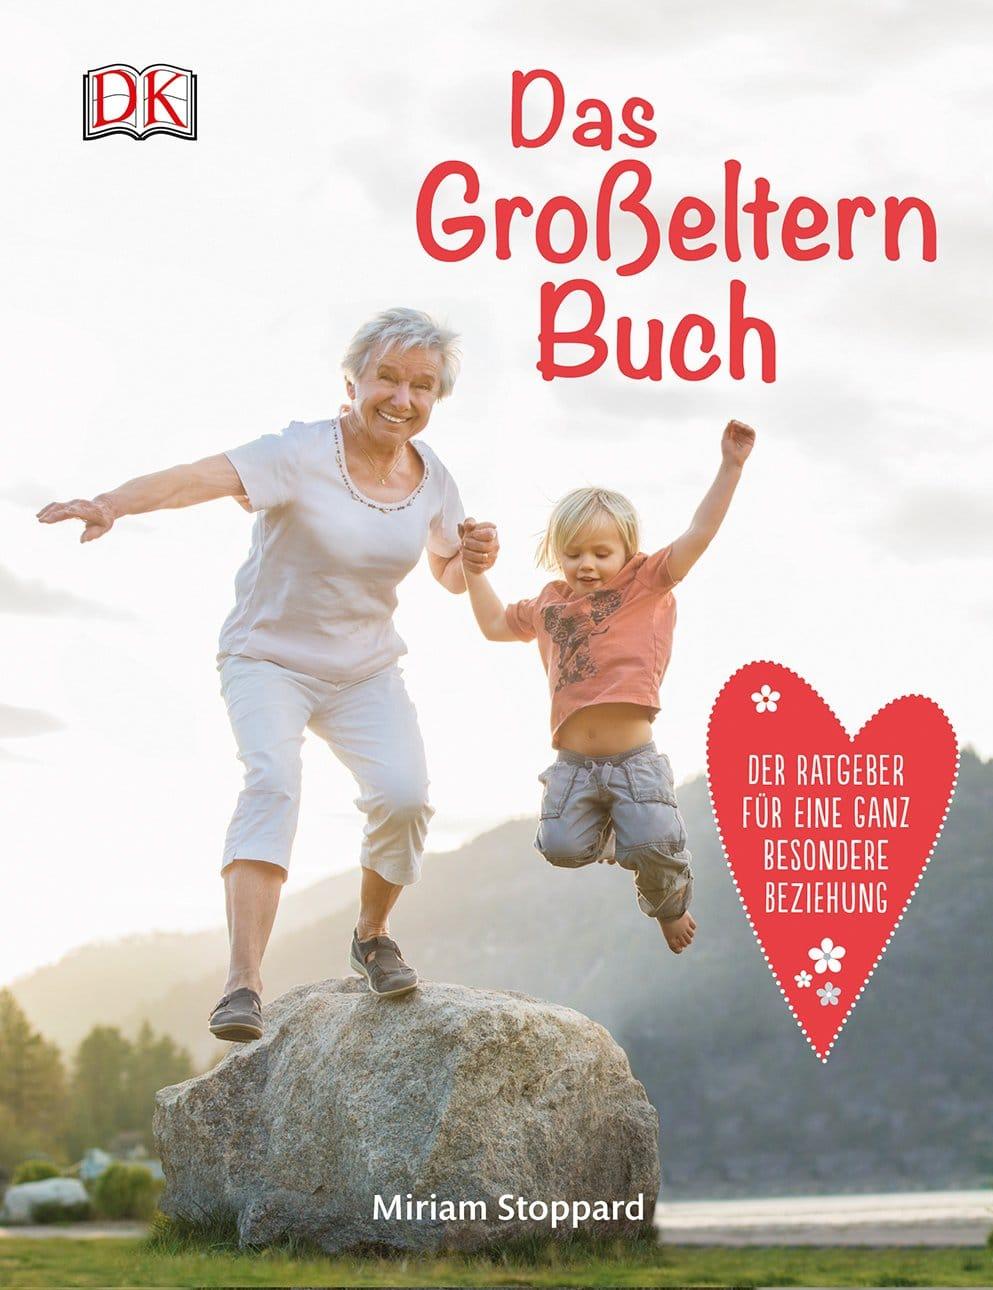 Das Großeltern Buch - Geschenk für werdende Großeltern